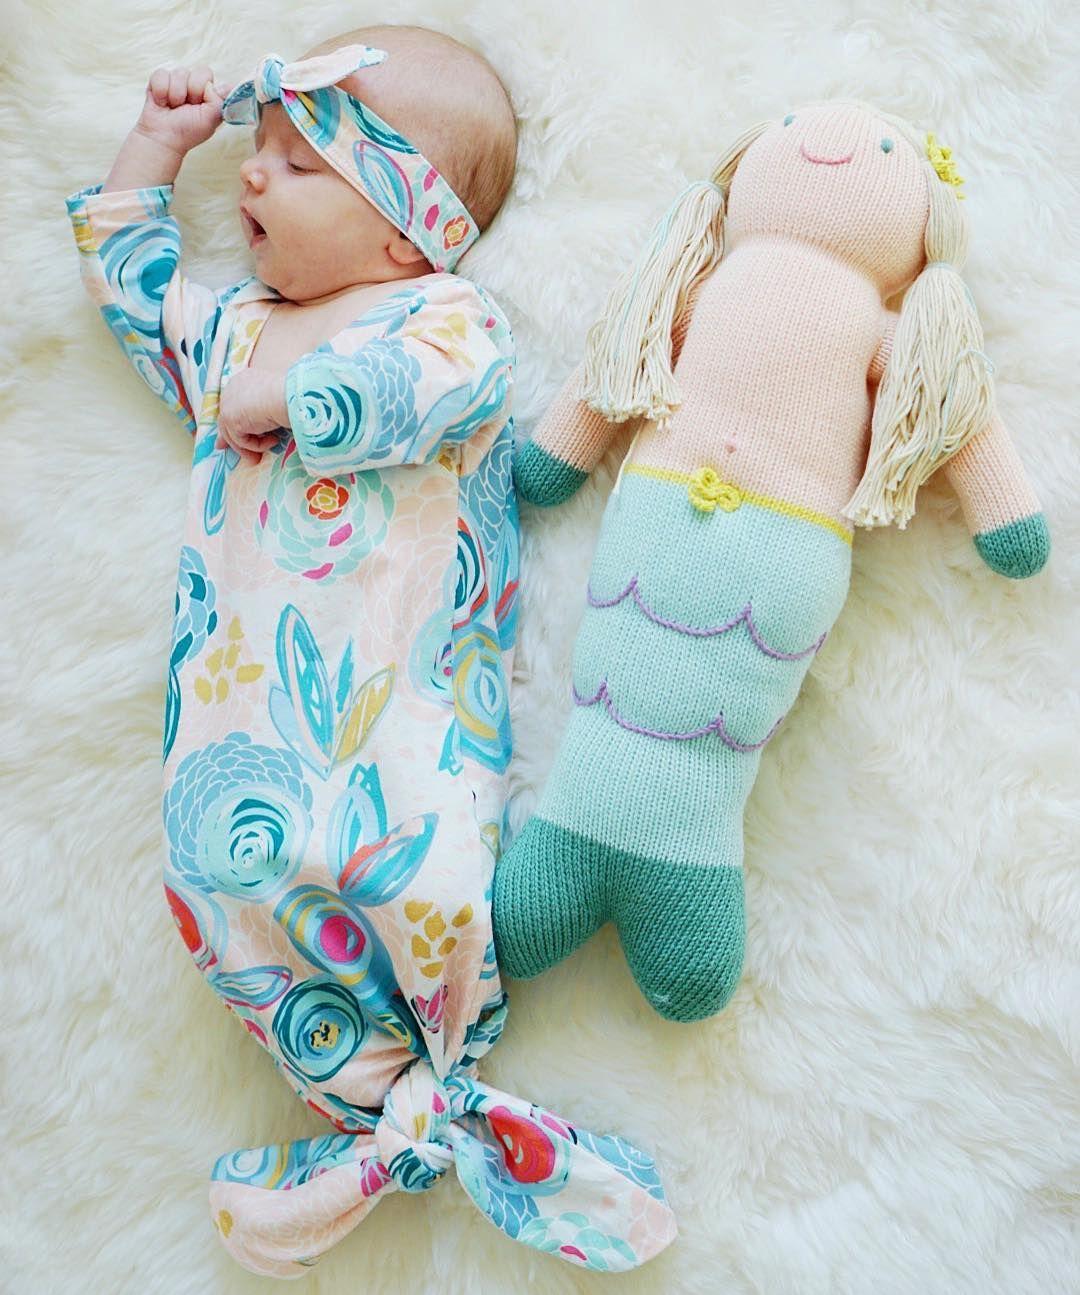 Baby mermaid gown, baby sleeping gown, mermaid gown, baby sleep sack ...